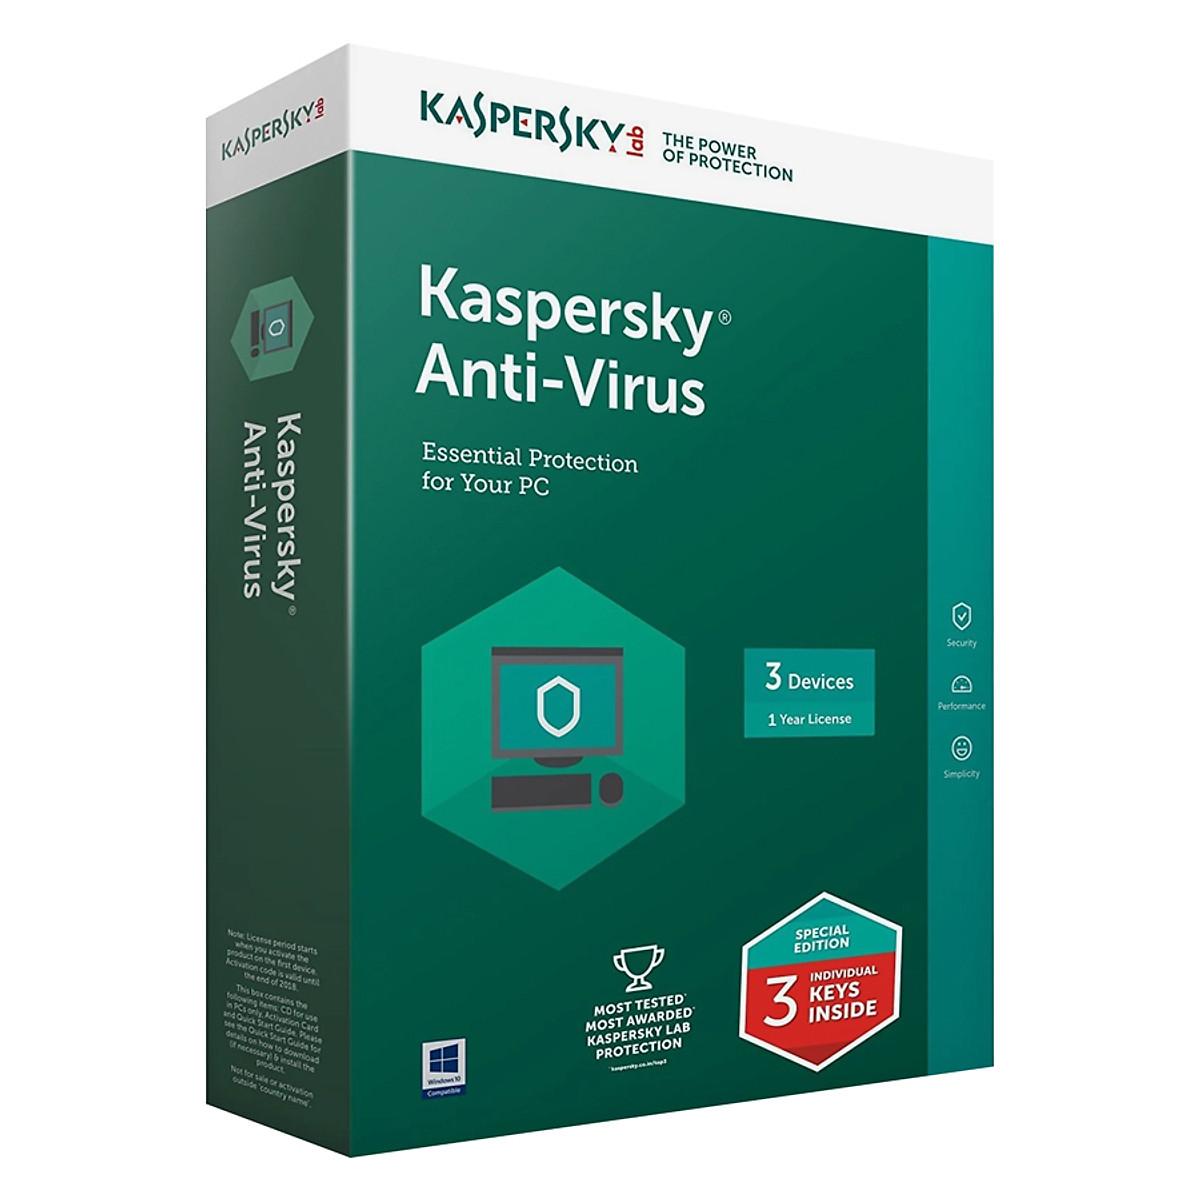 Phần Mềm Diệt Virus Kaspersky Antivirus  (KAV) – 3 User  – Hàng chính hãng